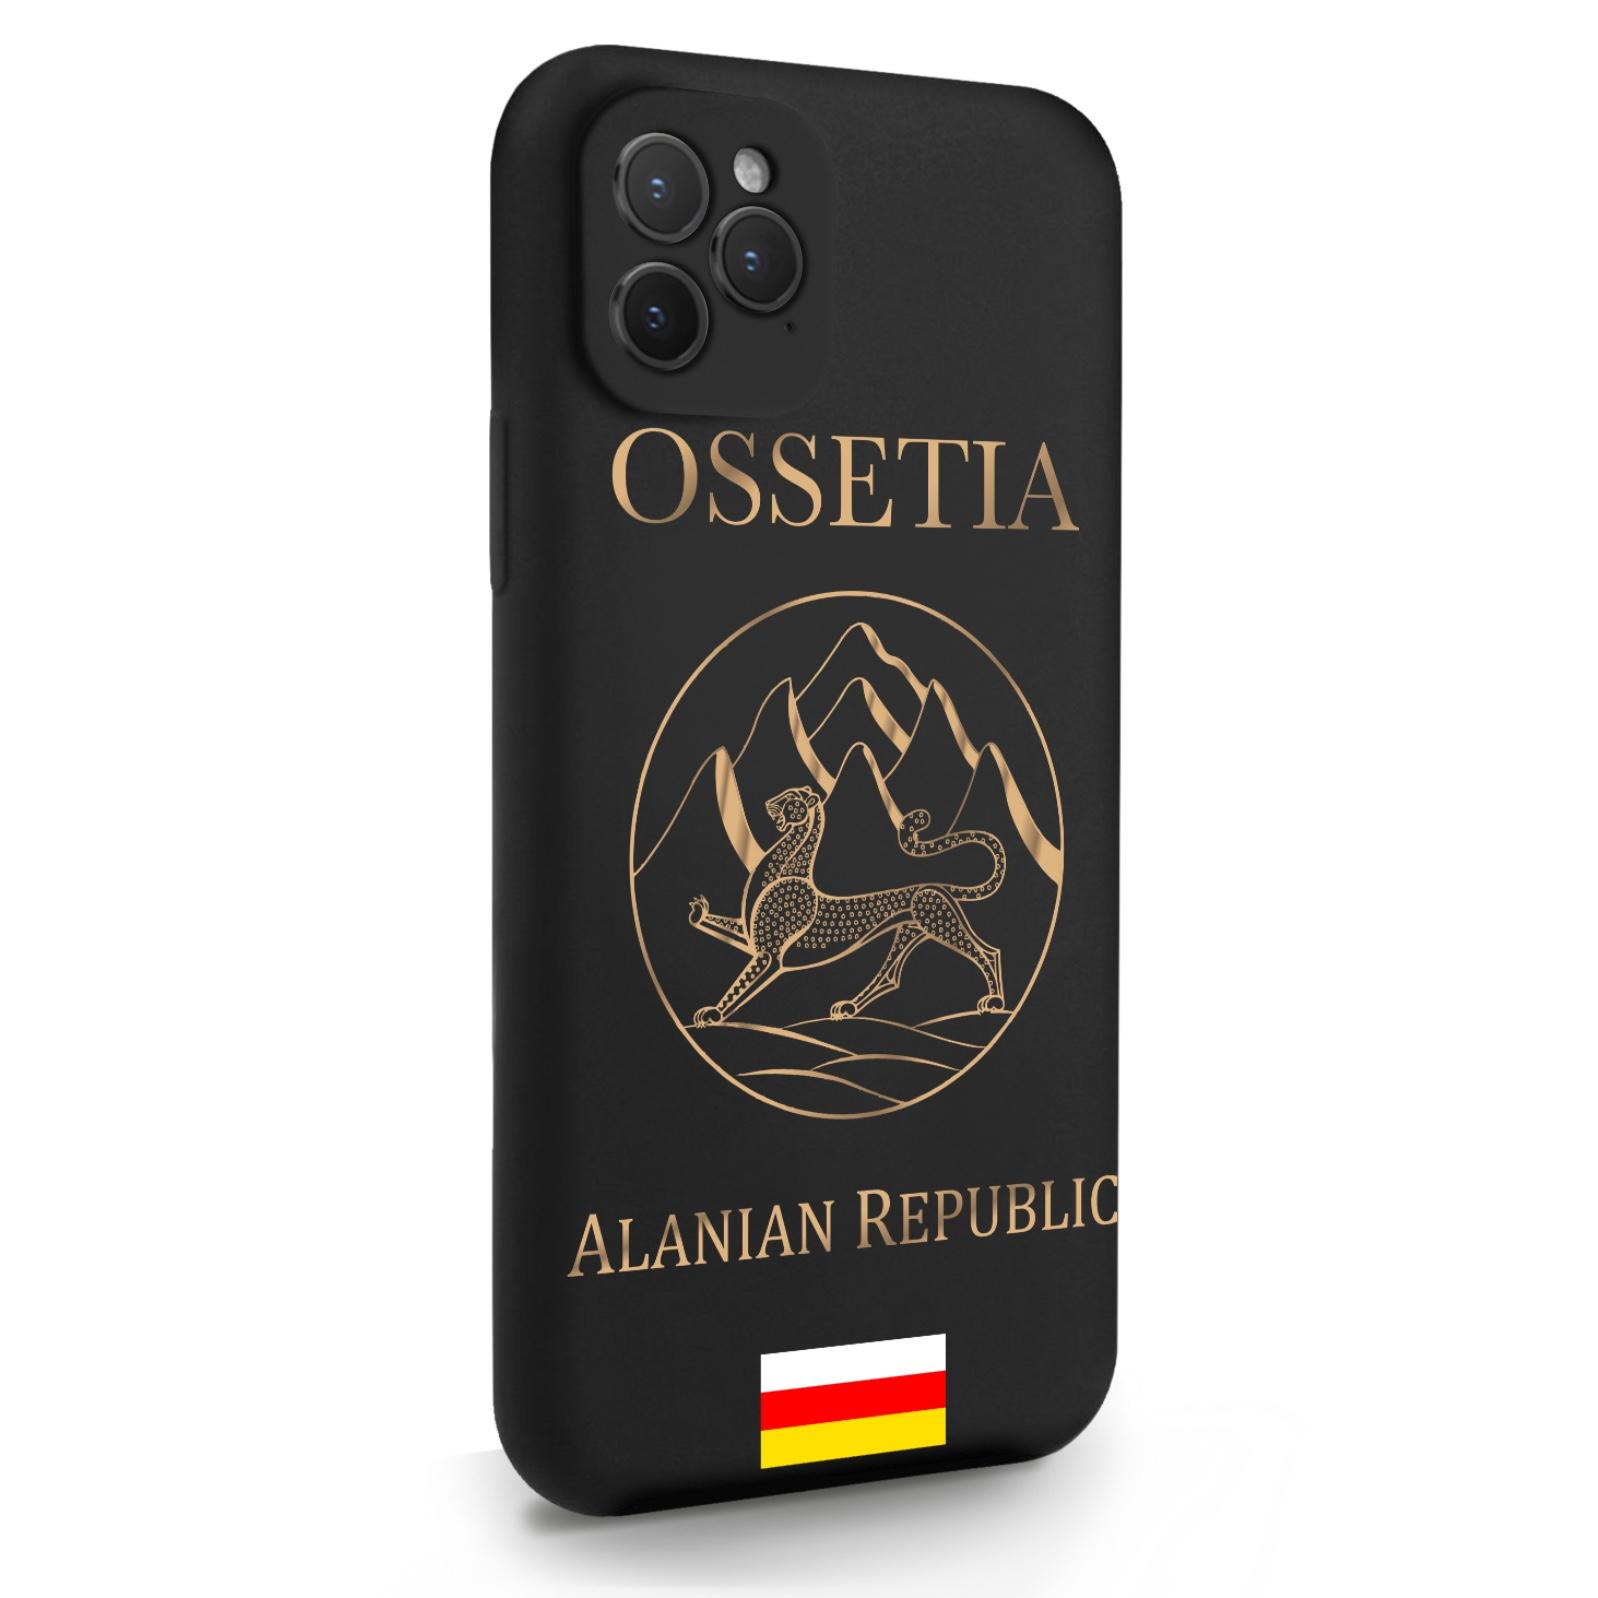 Черный силиконовый чехол для iPhone 11 Pro Золотой Герб Северной Осетии для Айфон 11 Про